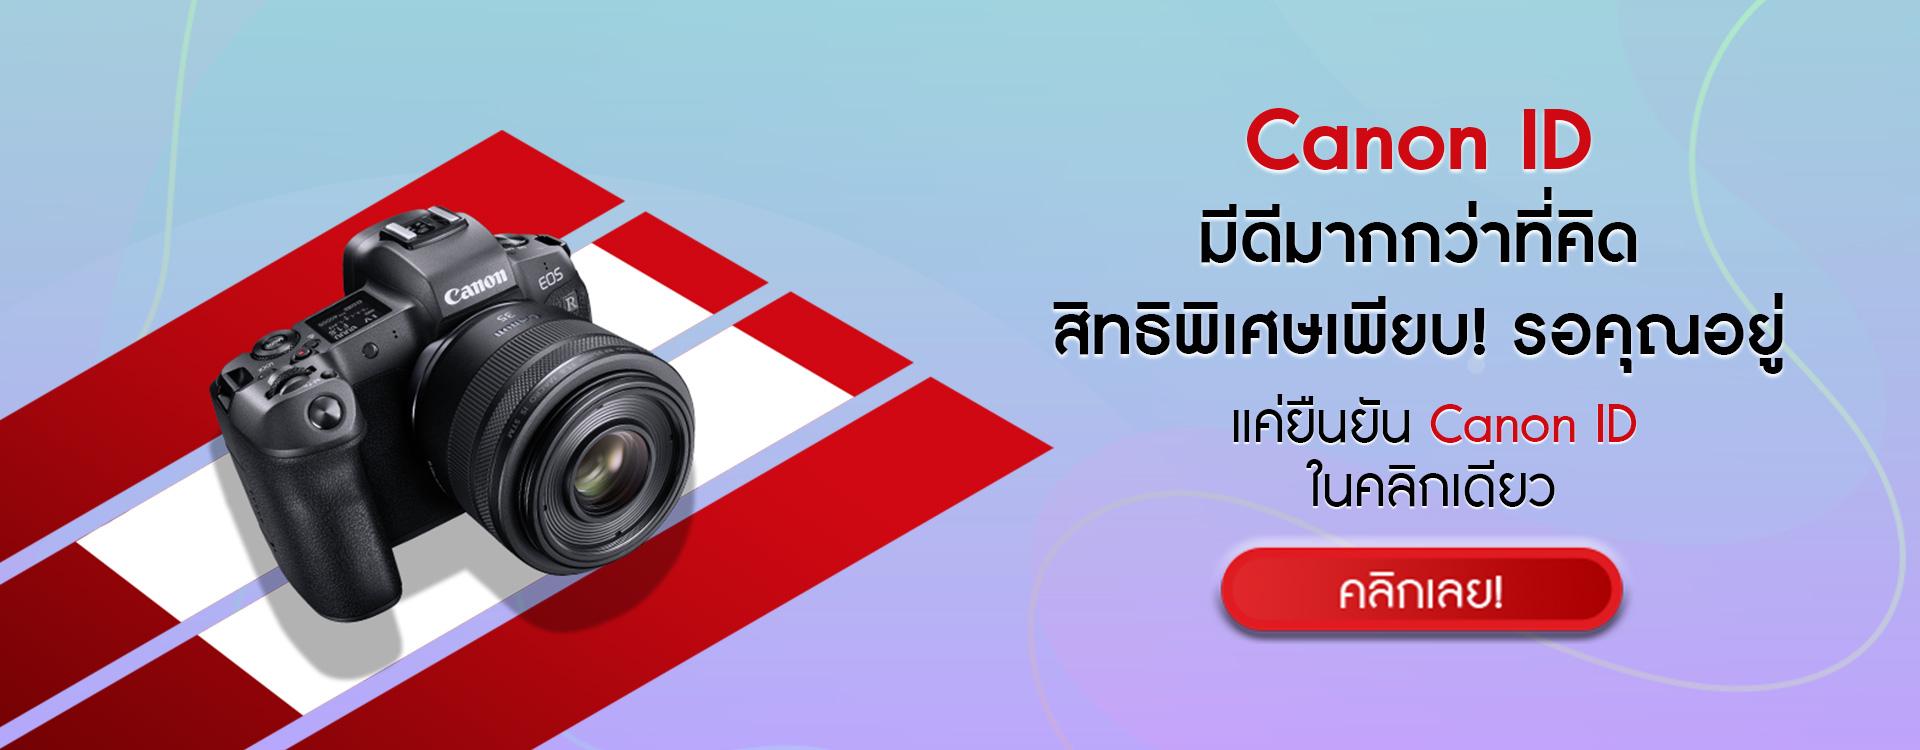 Home - Canon Thailand